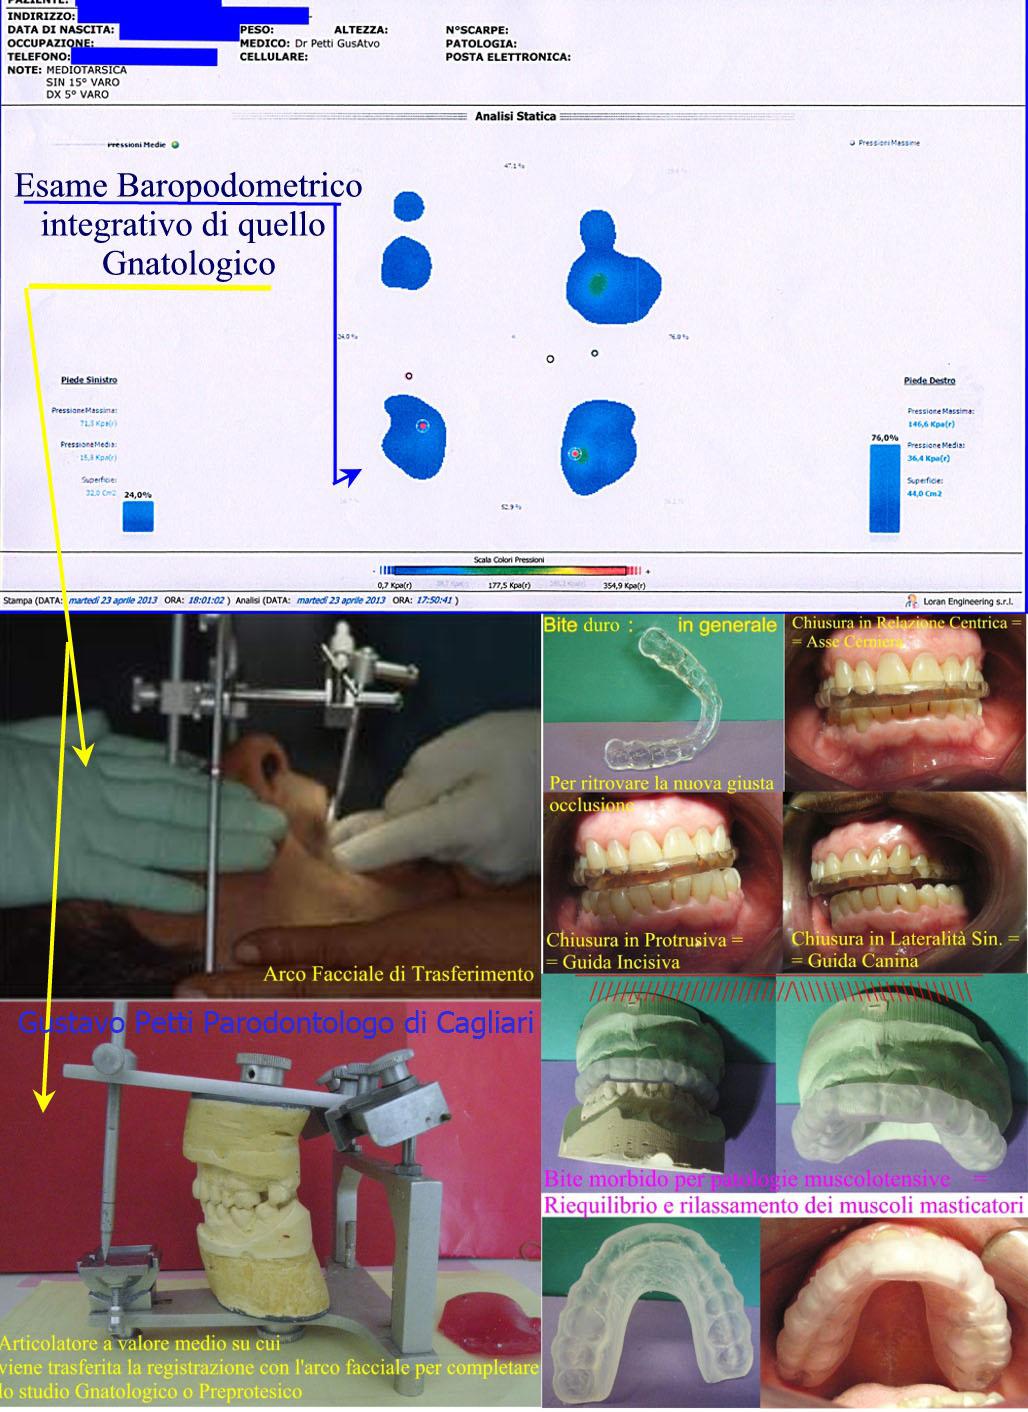 analisi-gnatologica-dr-g.petti-cagliari-047.jpg